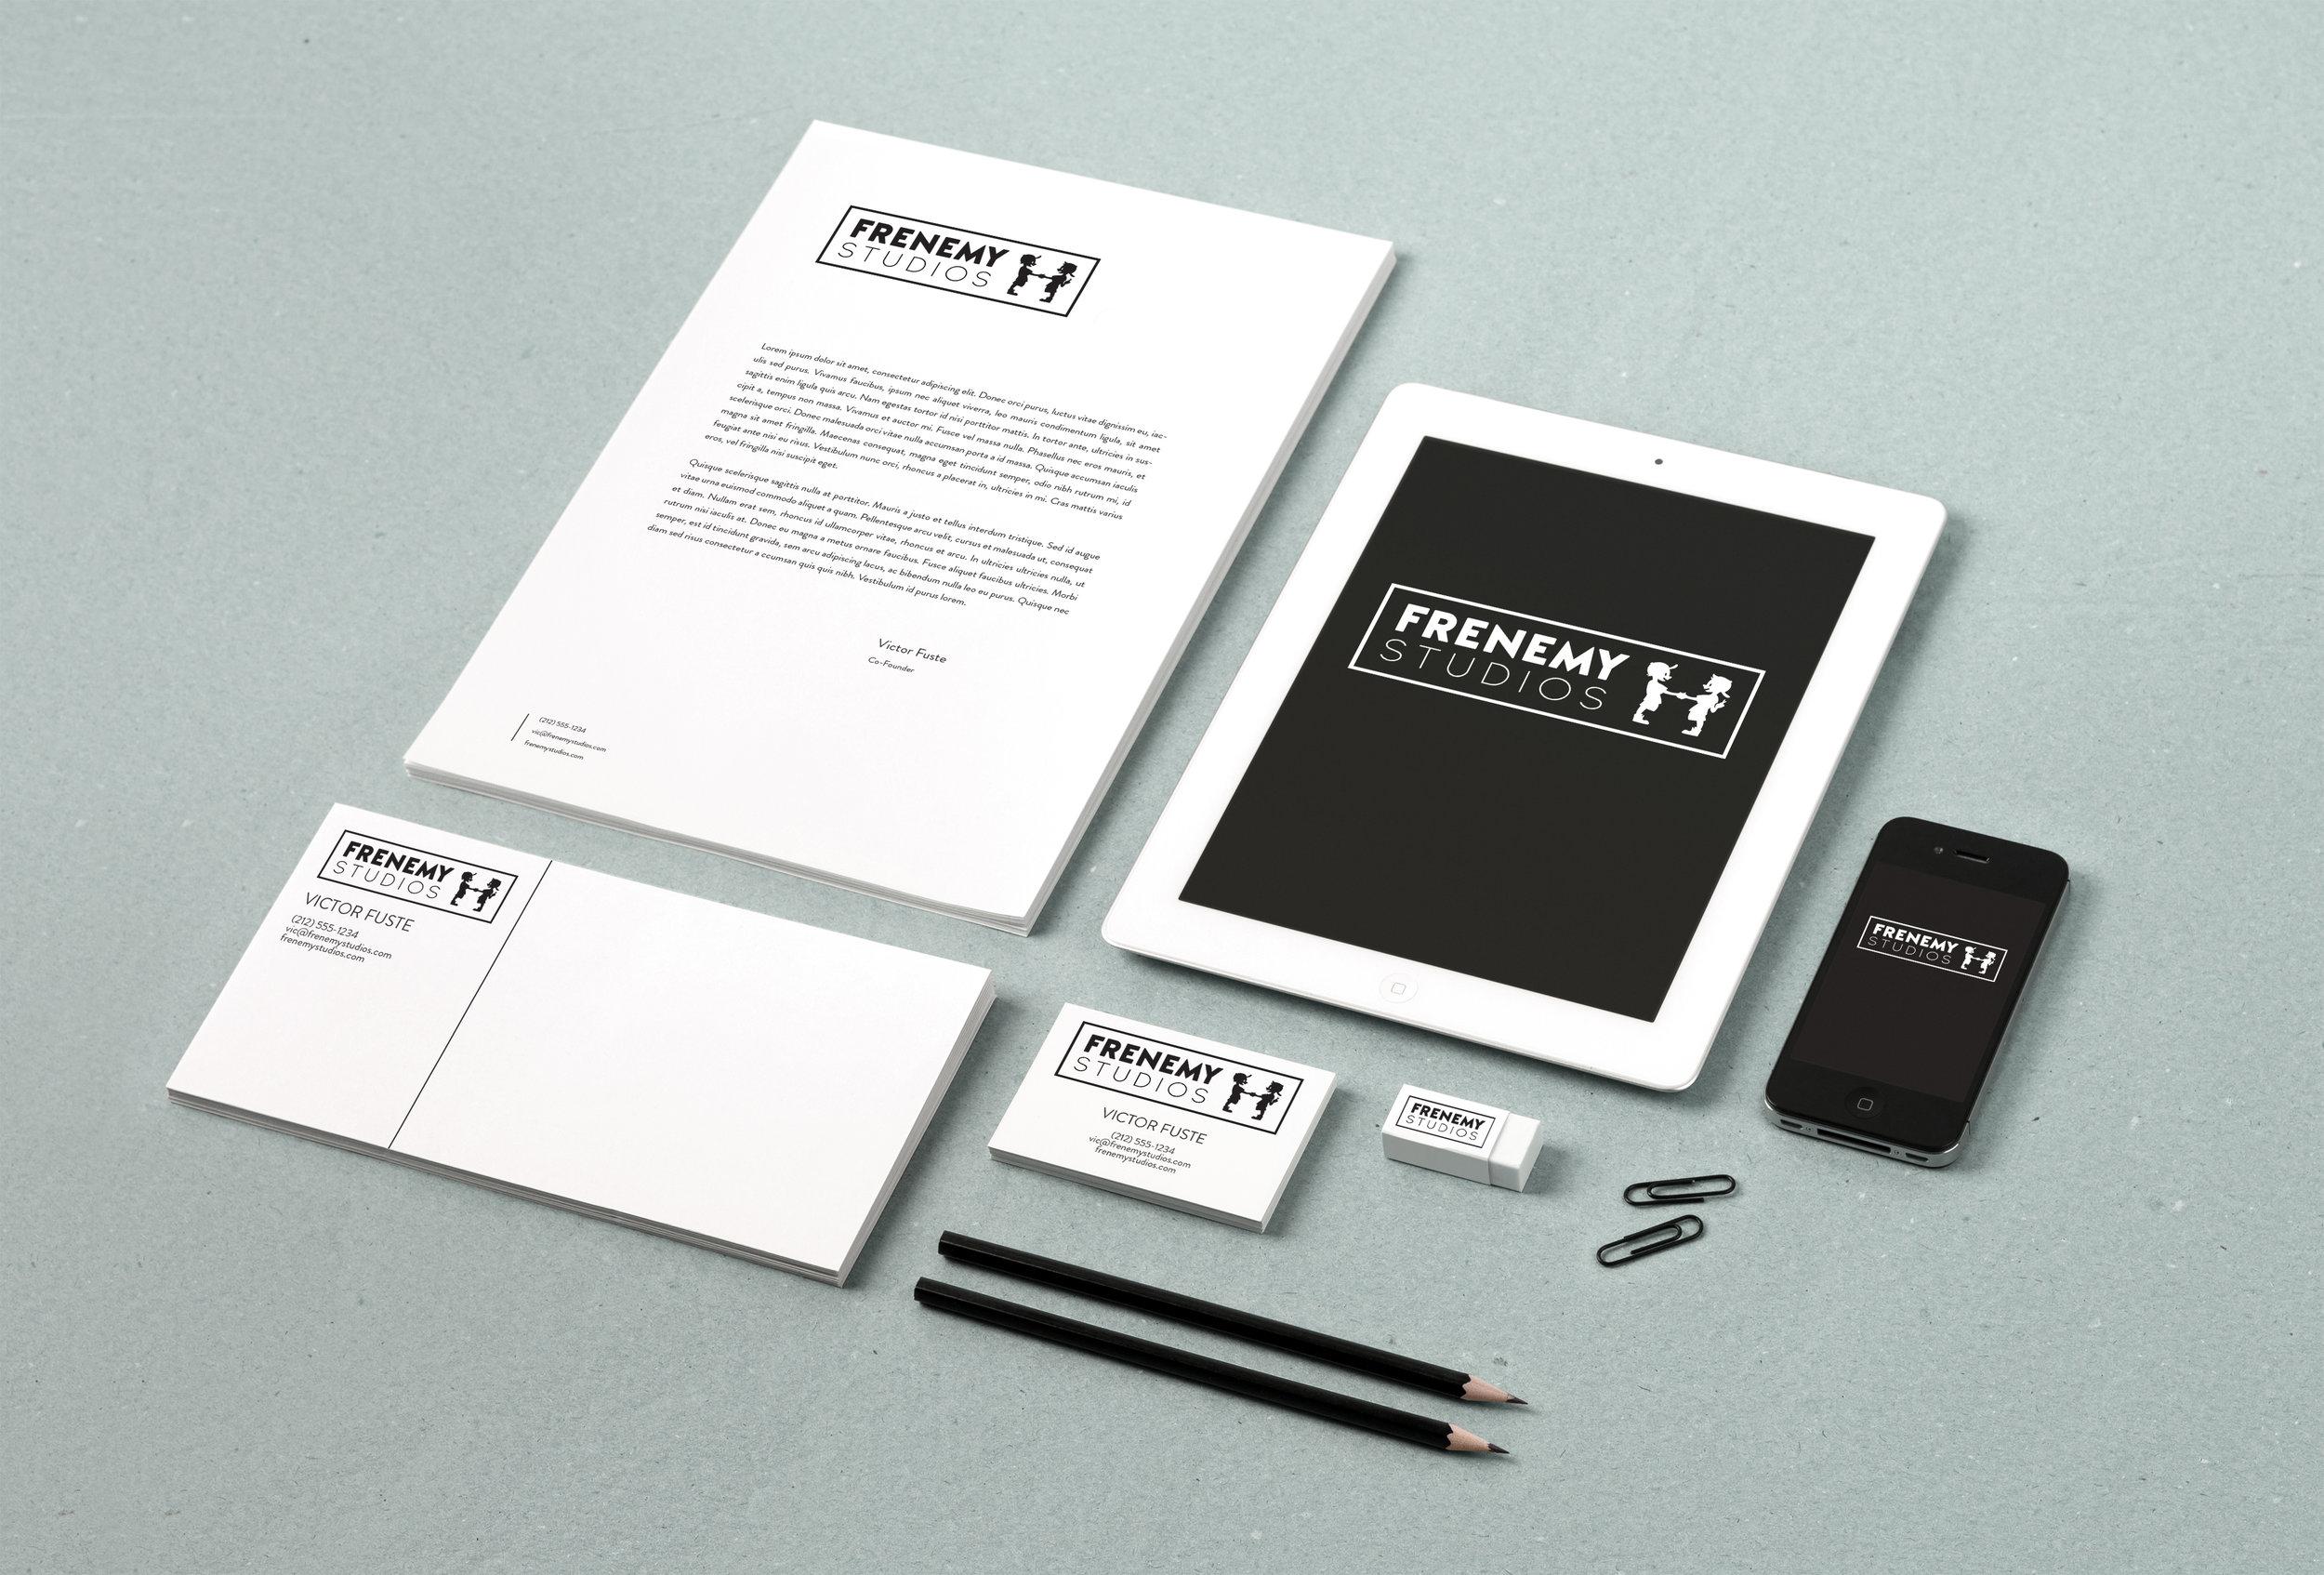 frenemy_brandidentity.JPG